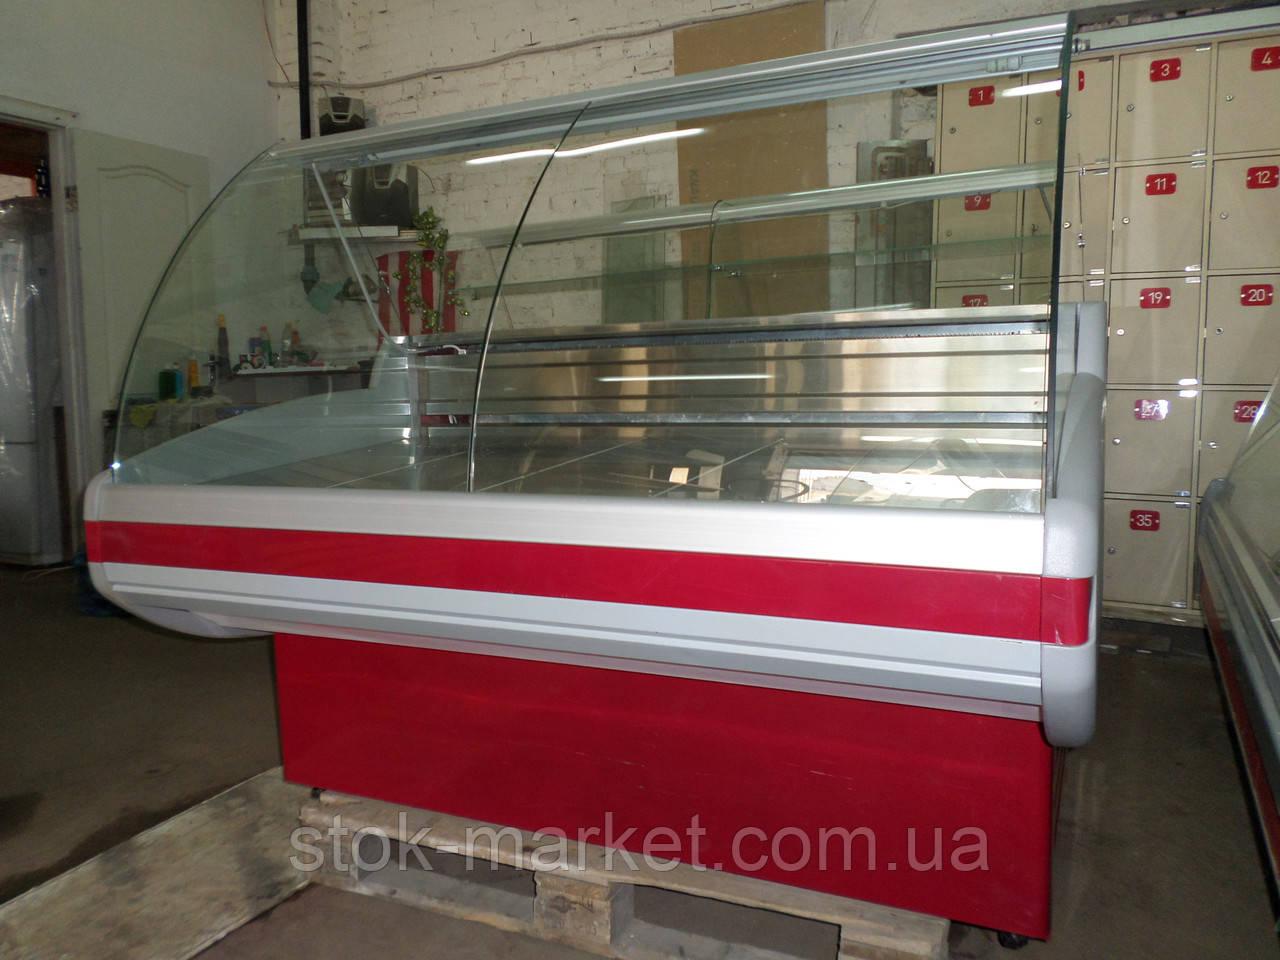 Холодильная витрина Cryspi Gamma 1.5м.